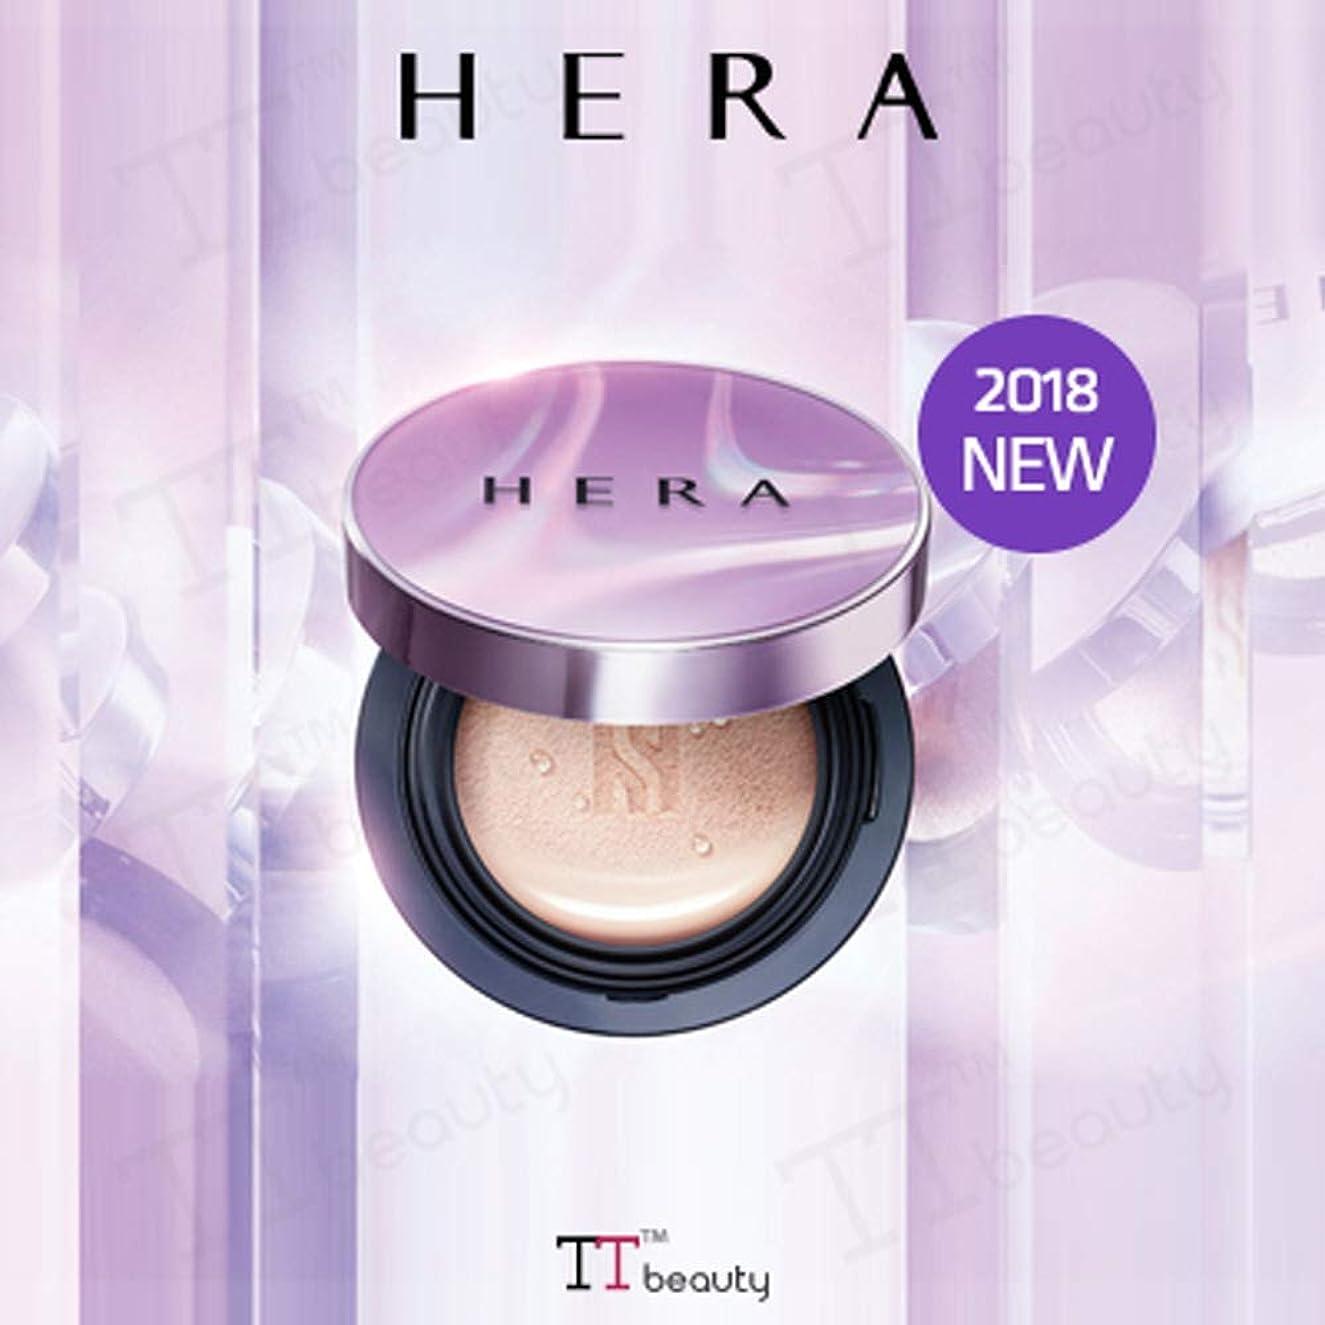 [HERA/ヘラ]UVミストクッションカバー(15gx2)/UV MIST CUSHION COVER SPF50+/PA+++[2018新発売][TTBEAUTY][韓国コスメ] (No.C15-Rose Ivory cover)